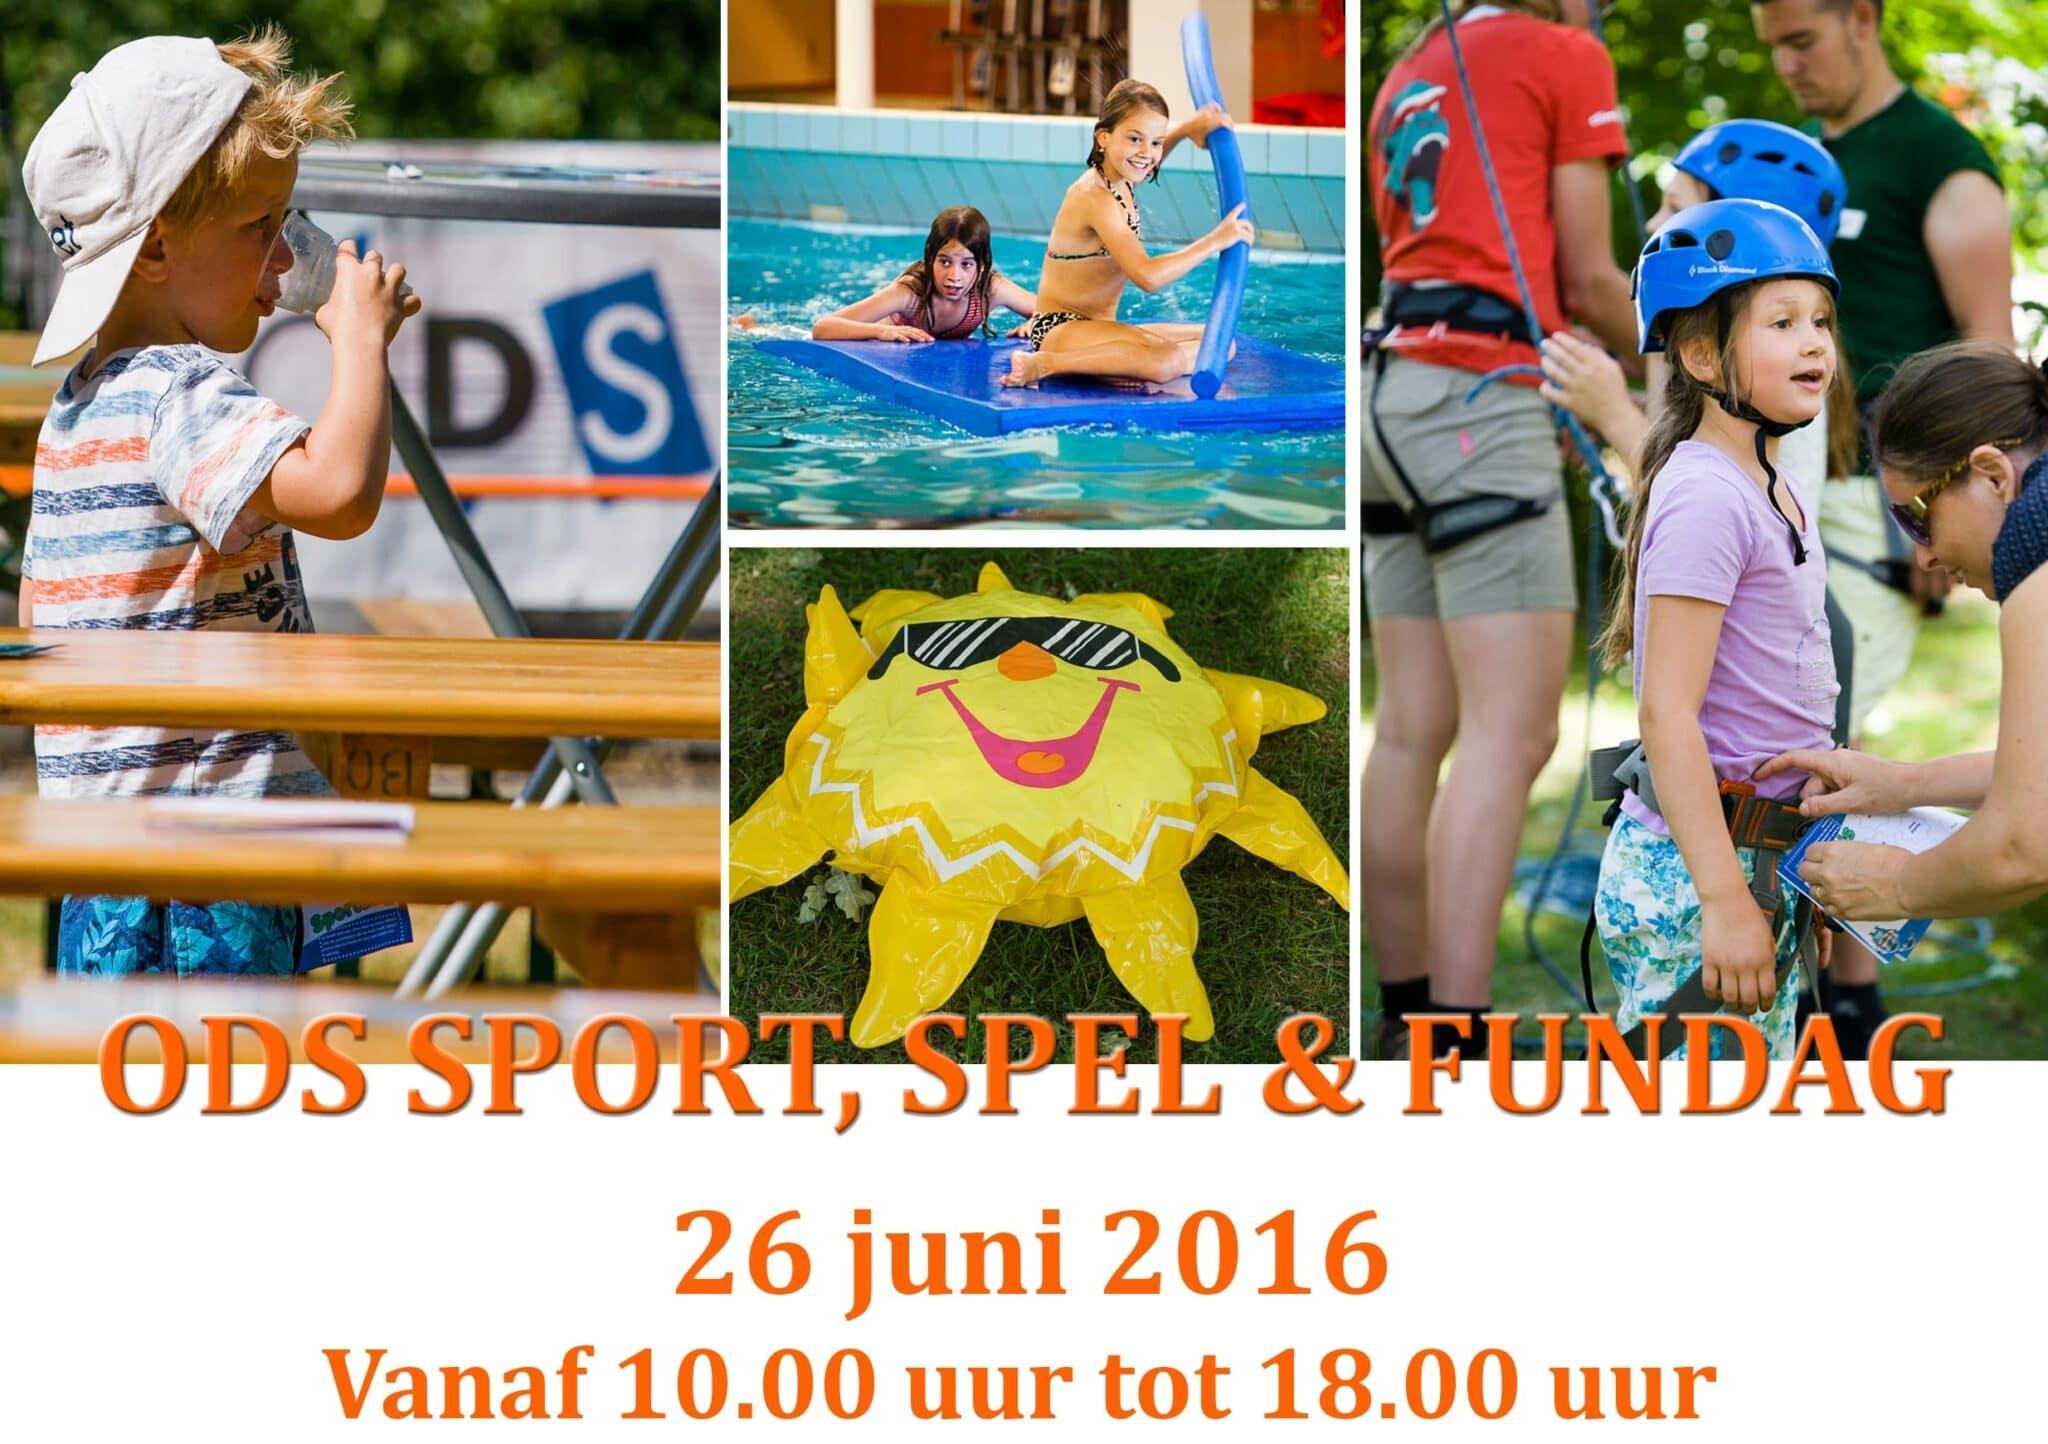 ODS SportSpelFundag